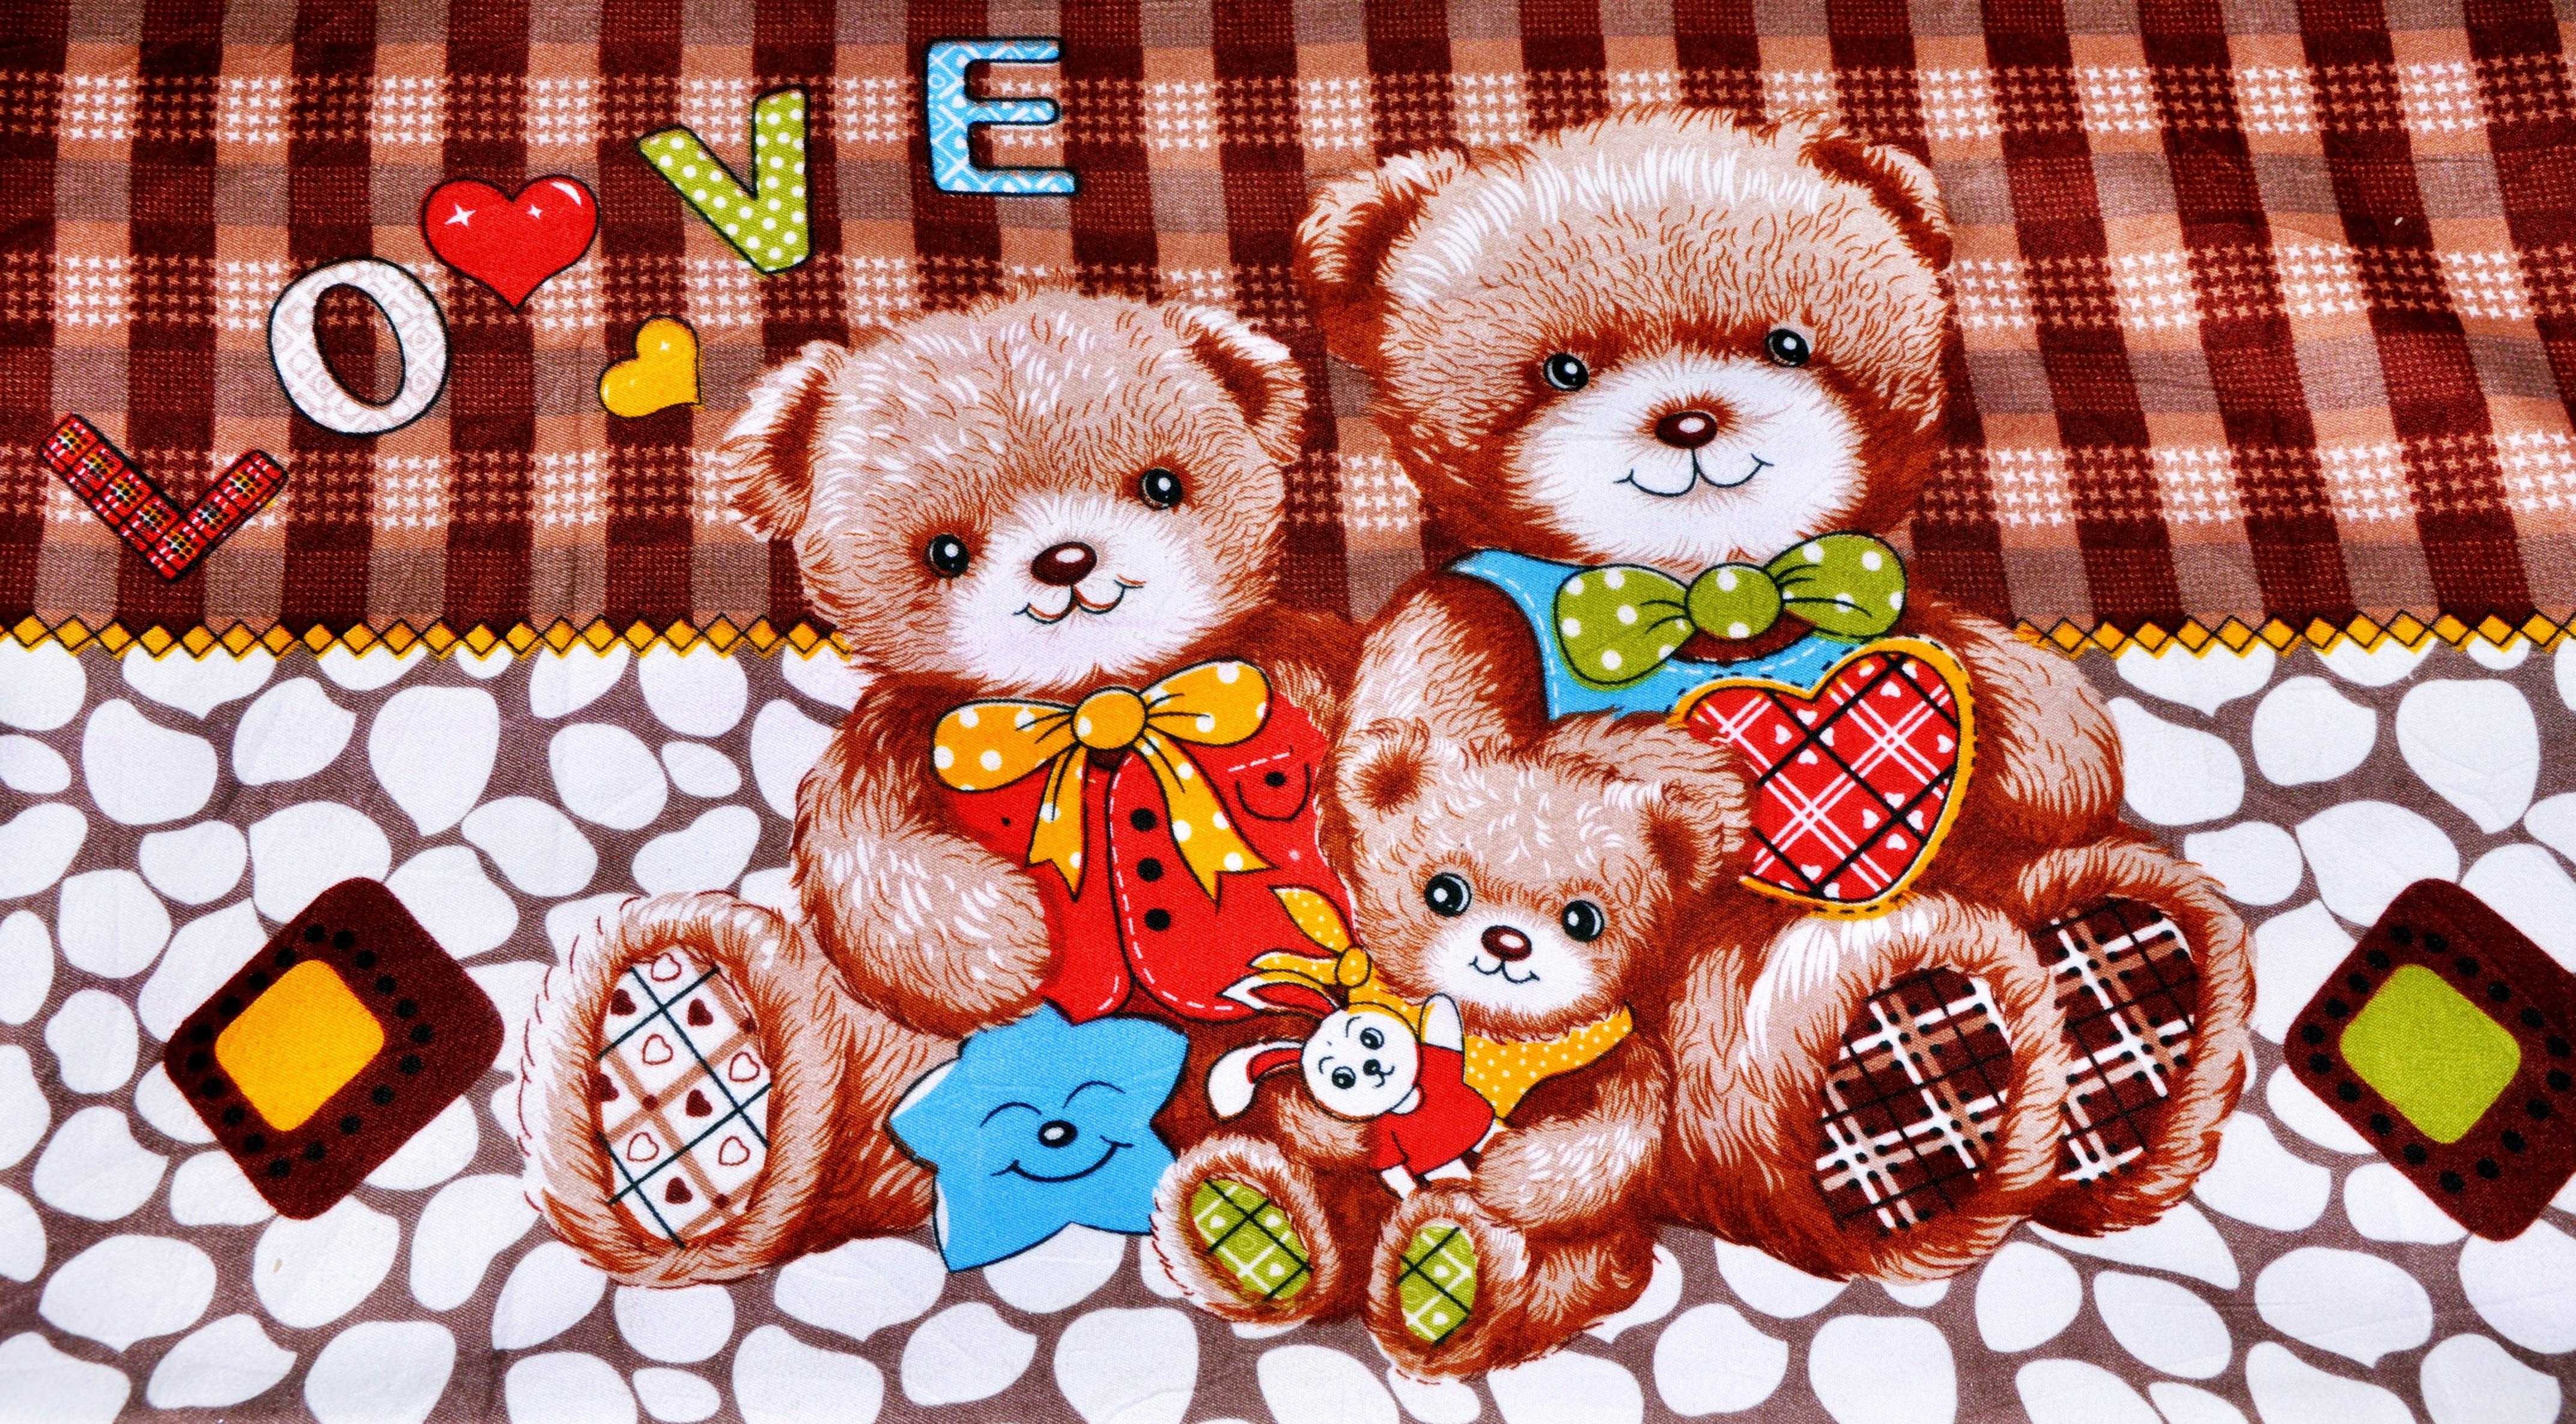 Δωρεάν στοκ φωτογραφιών με αγάπη, αρκουδάκι, παιχνίδι